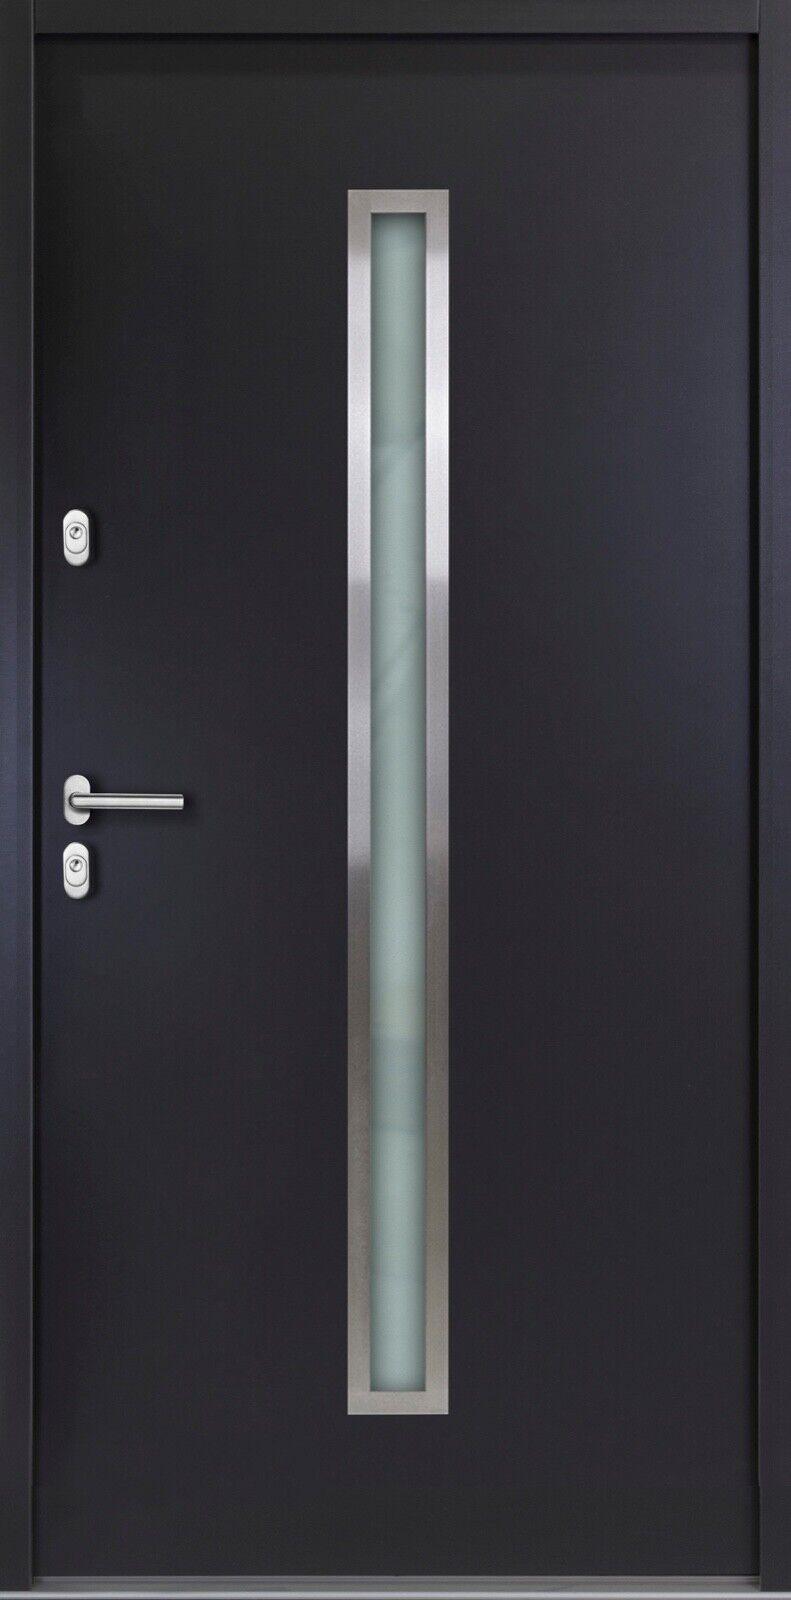 Haustür Haustüren Aktion Nebeneingangstüren AT501 - Ausstellung Sennfeld